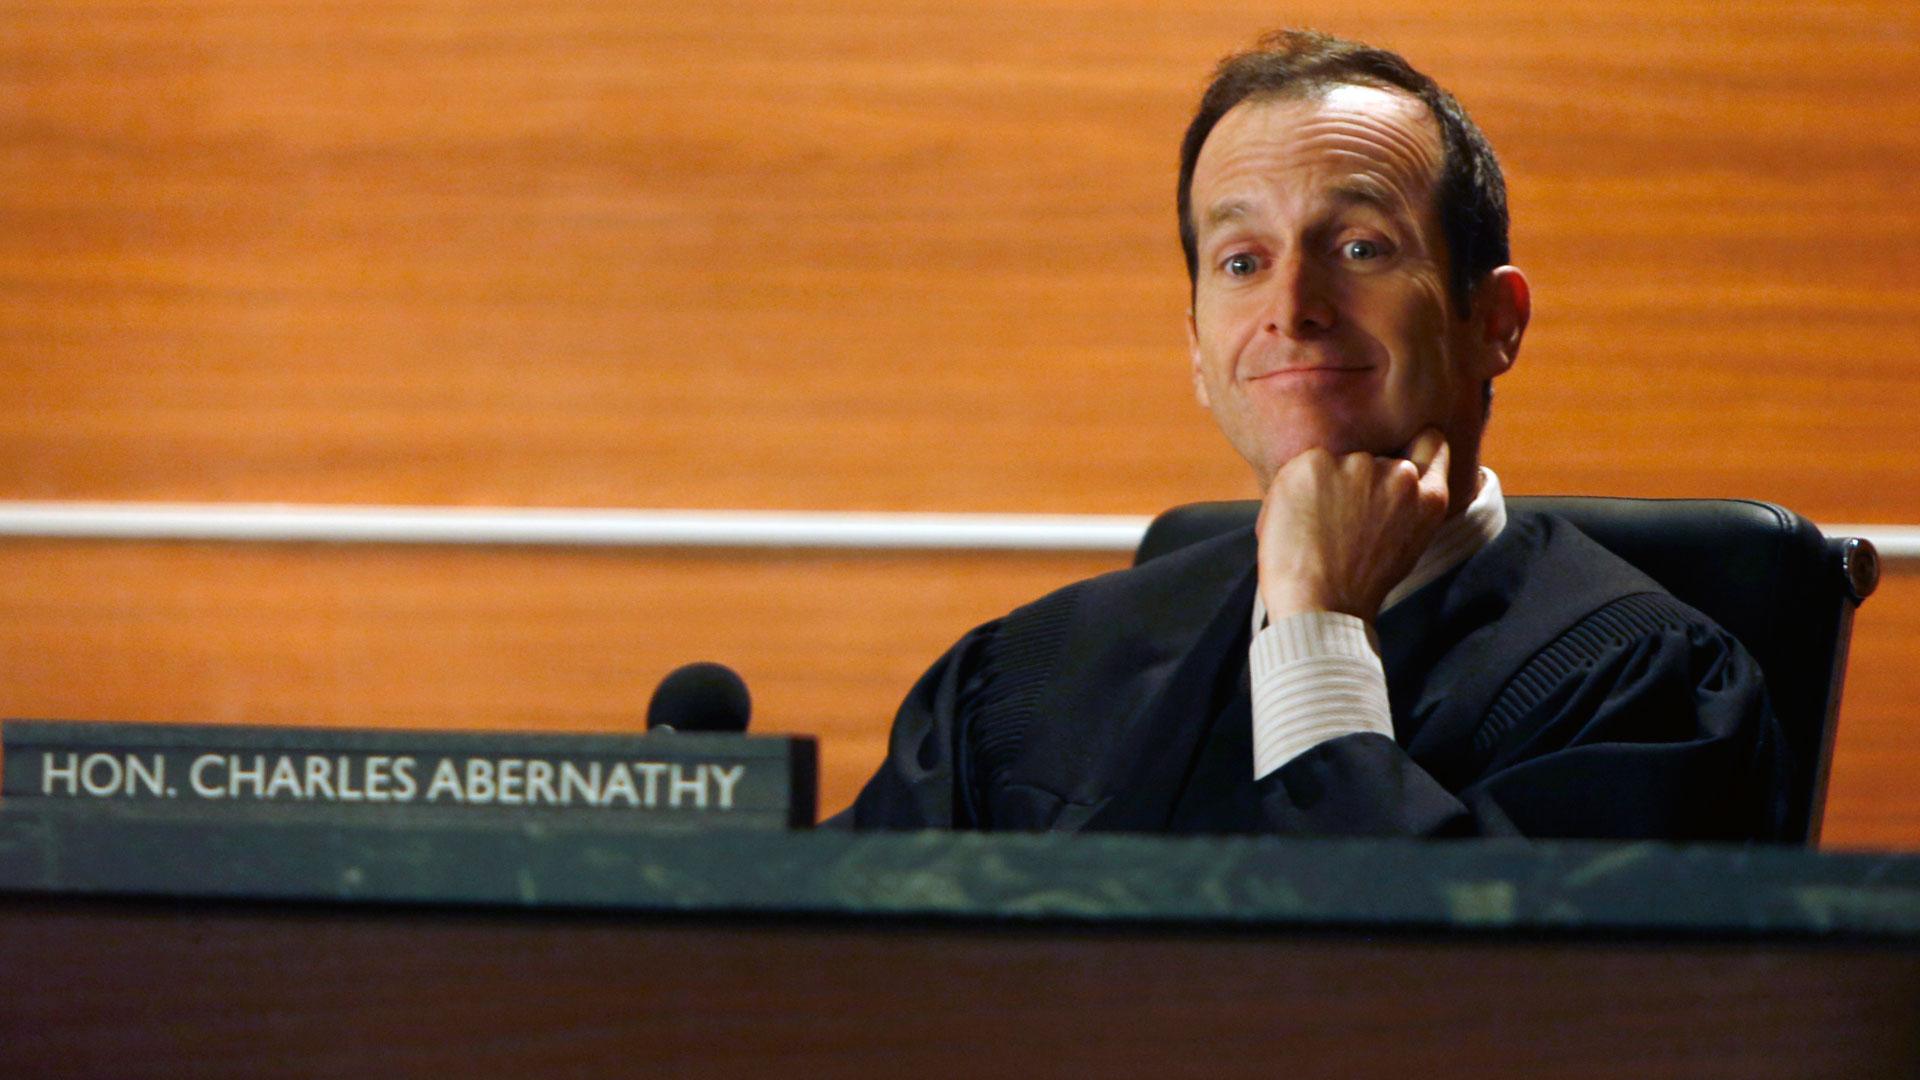 Judge Charles Abernathy (Denis O'Hare)